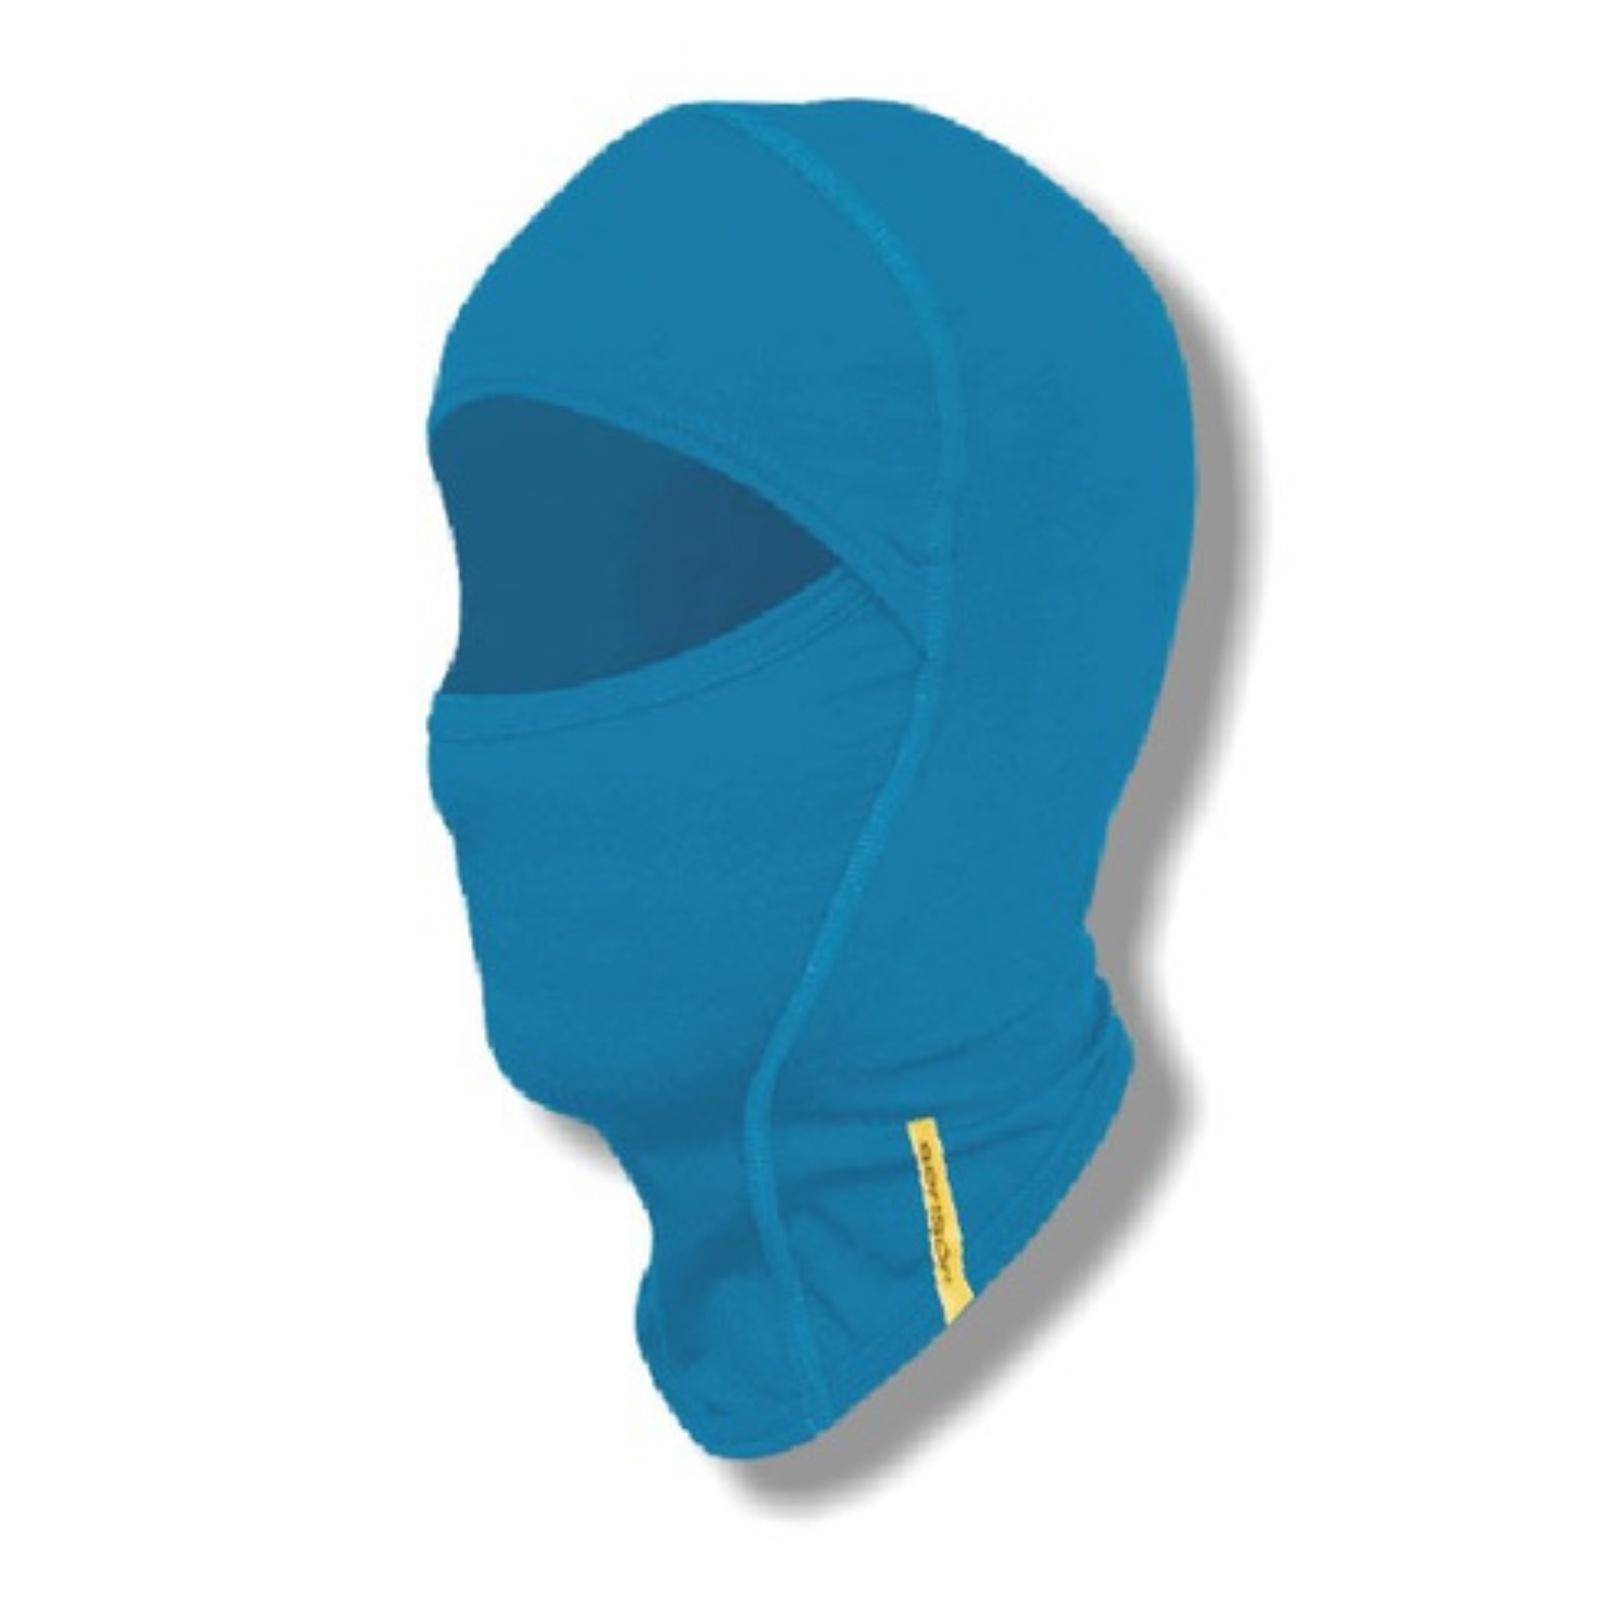 Sensor Thermo kukla detská modrá